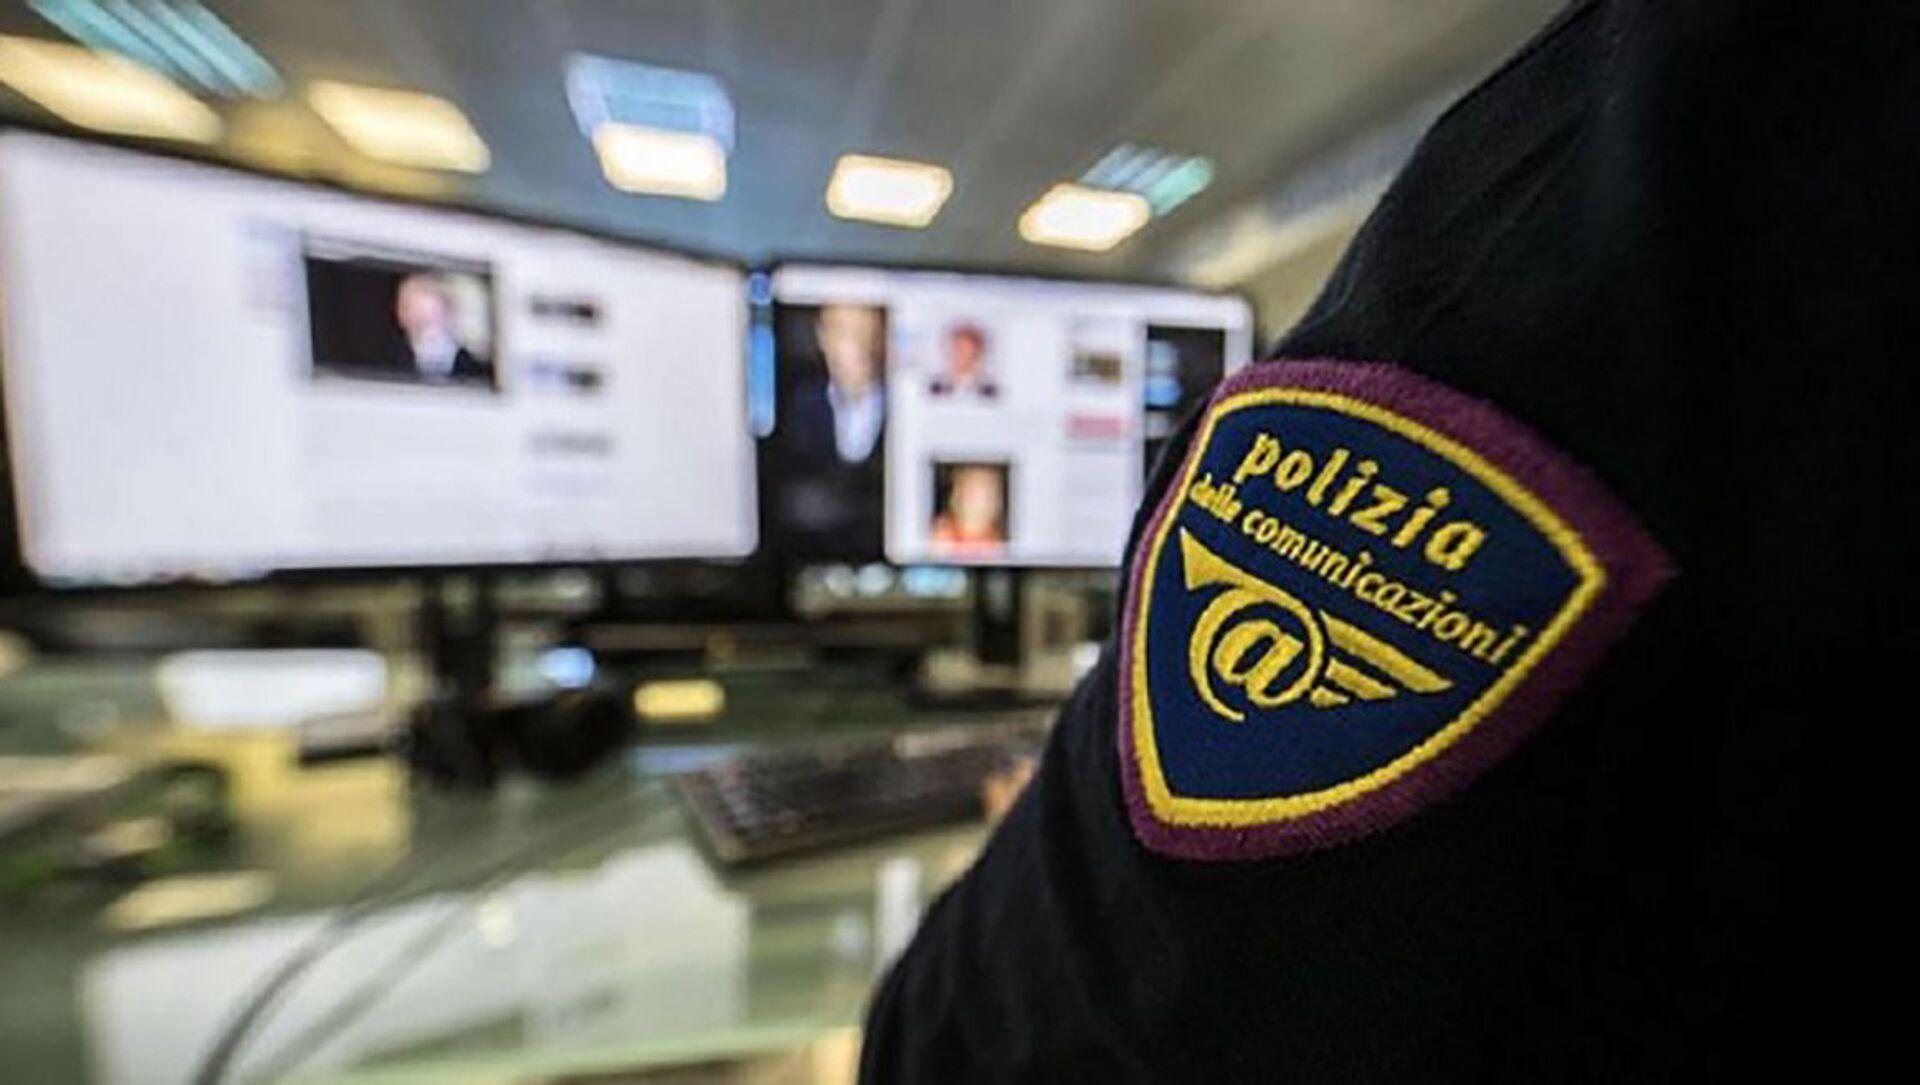 Polizia Postale e delle Comunicazioni - Sputnik Italia, 1920, 18.02.2021